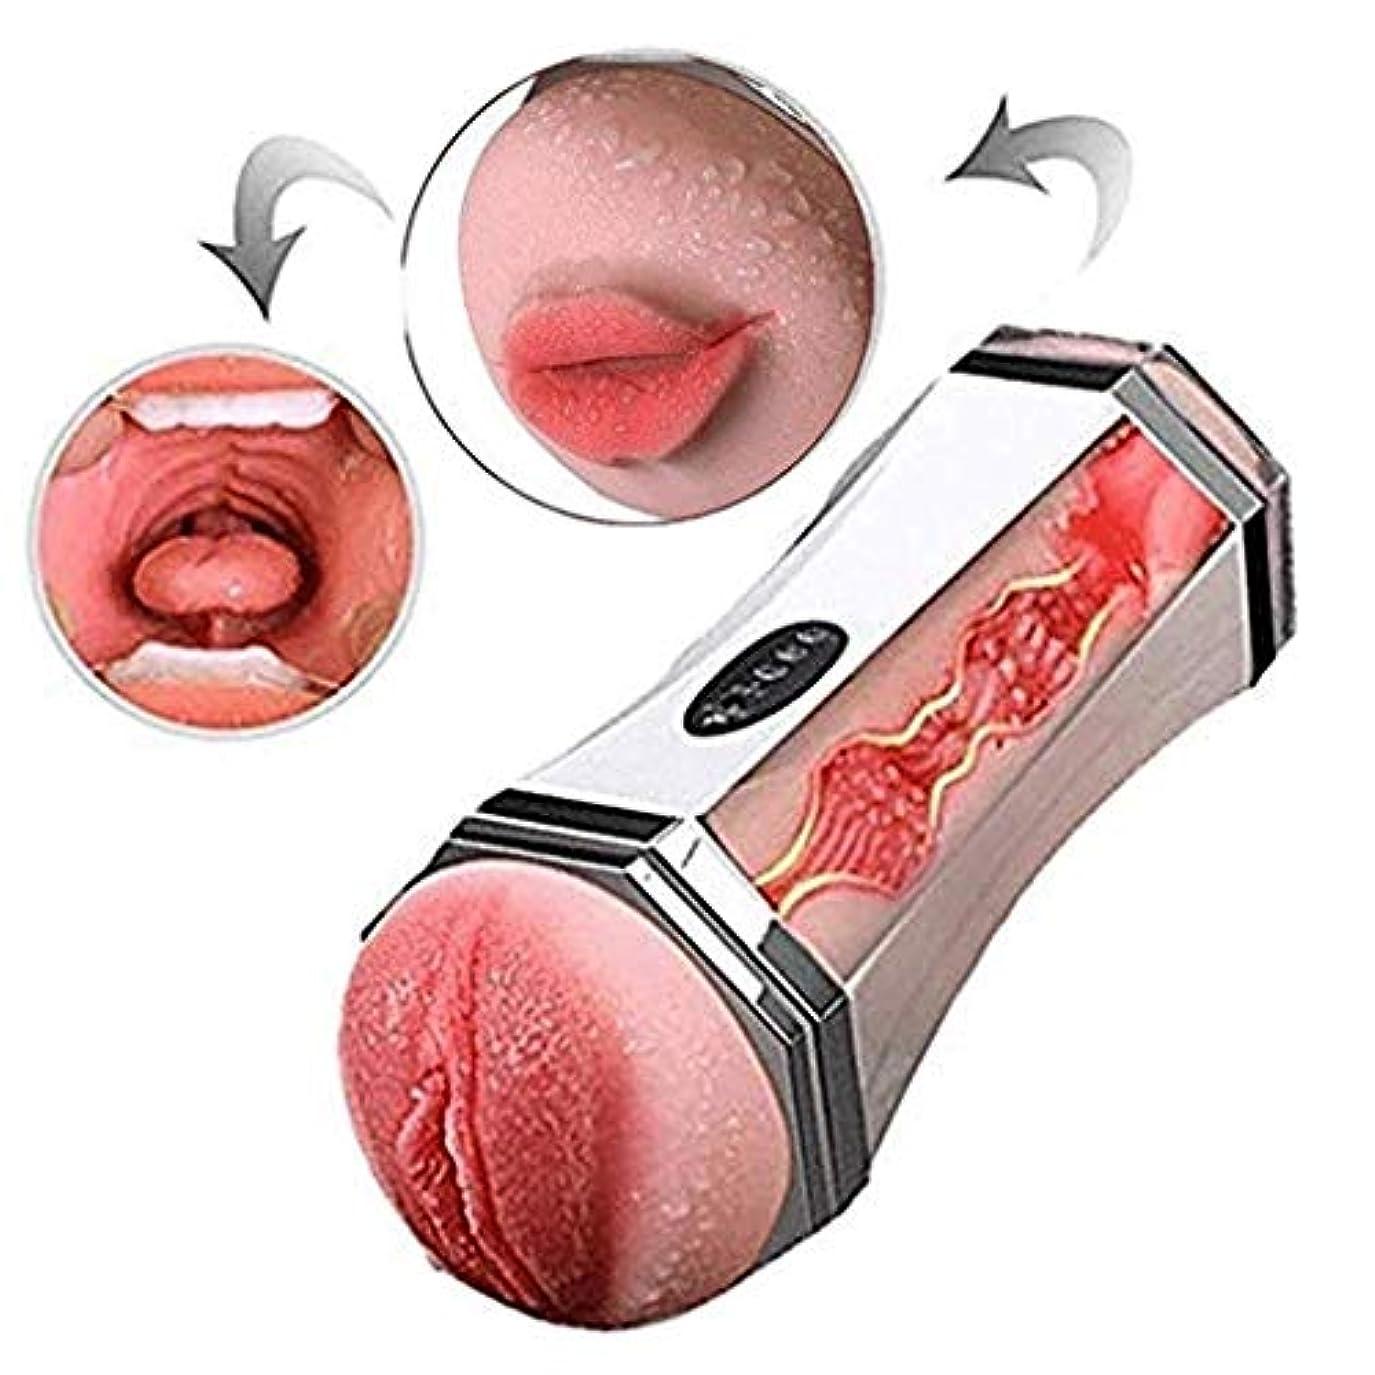 女王恥ベンチャーOHMMSG USB Rechargable Handheld Body Massage Tools Deep Muscle Massager with Heat and Powerful Vibration防水エアクラフトカップ